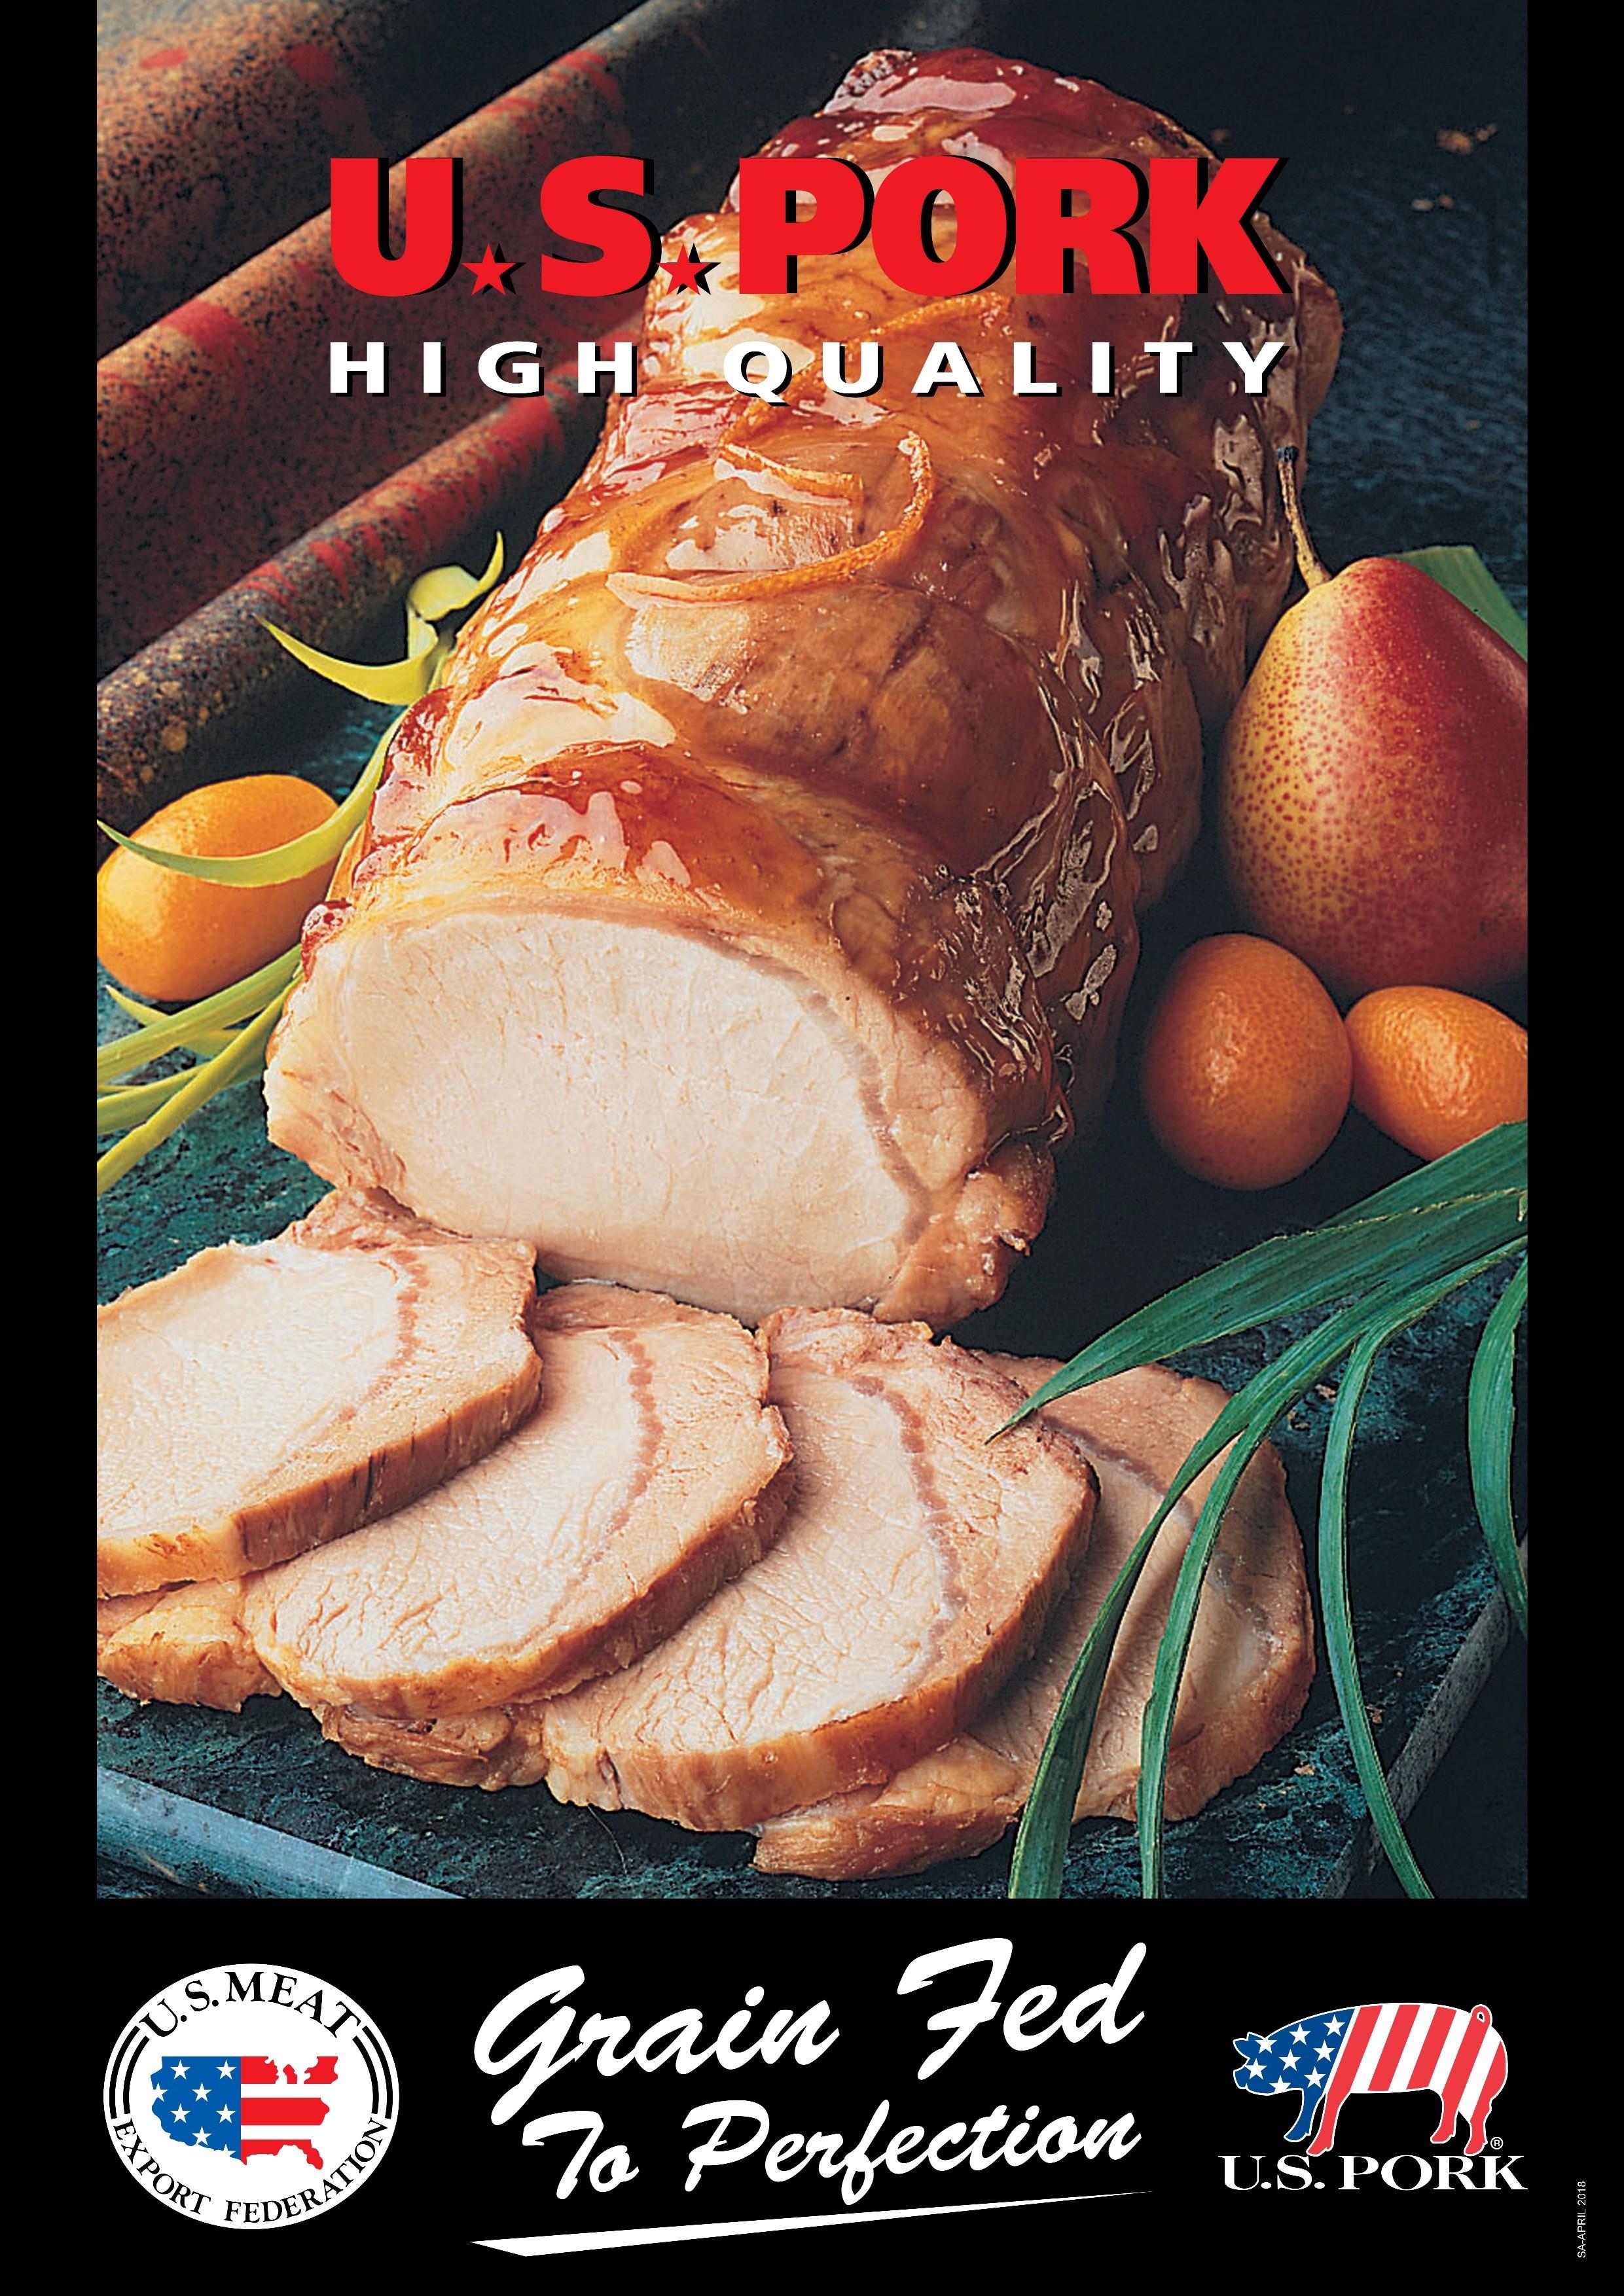 A2-Pork-Poster-2018final-3-LR (1)